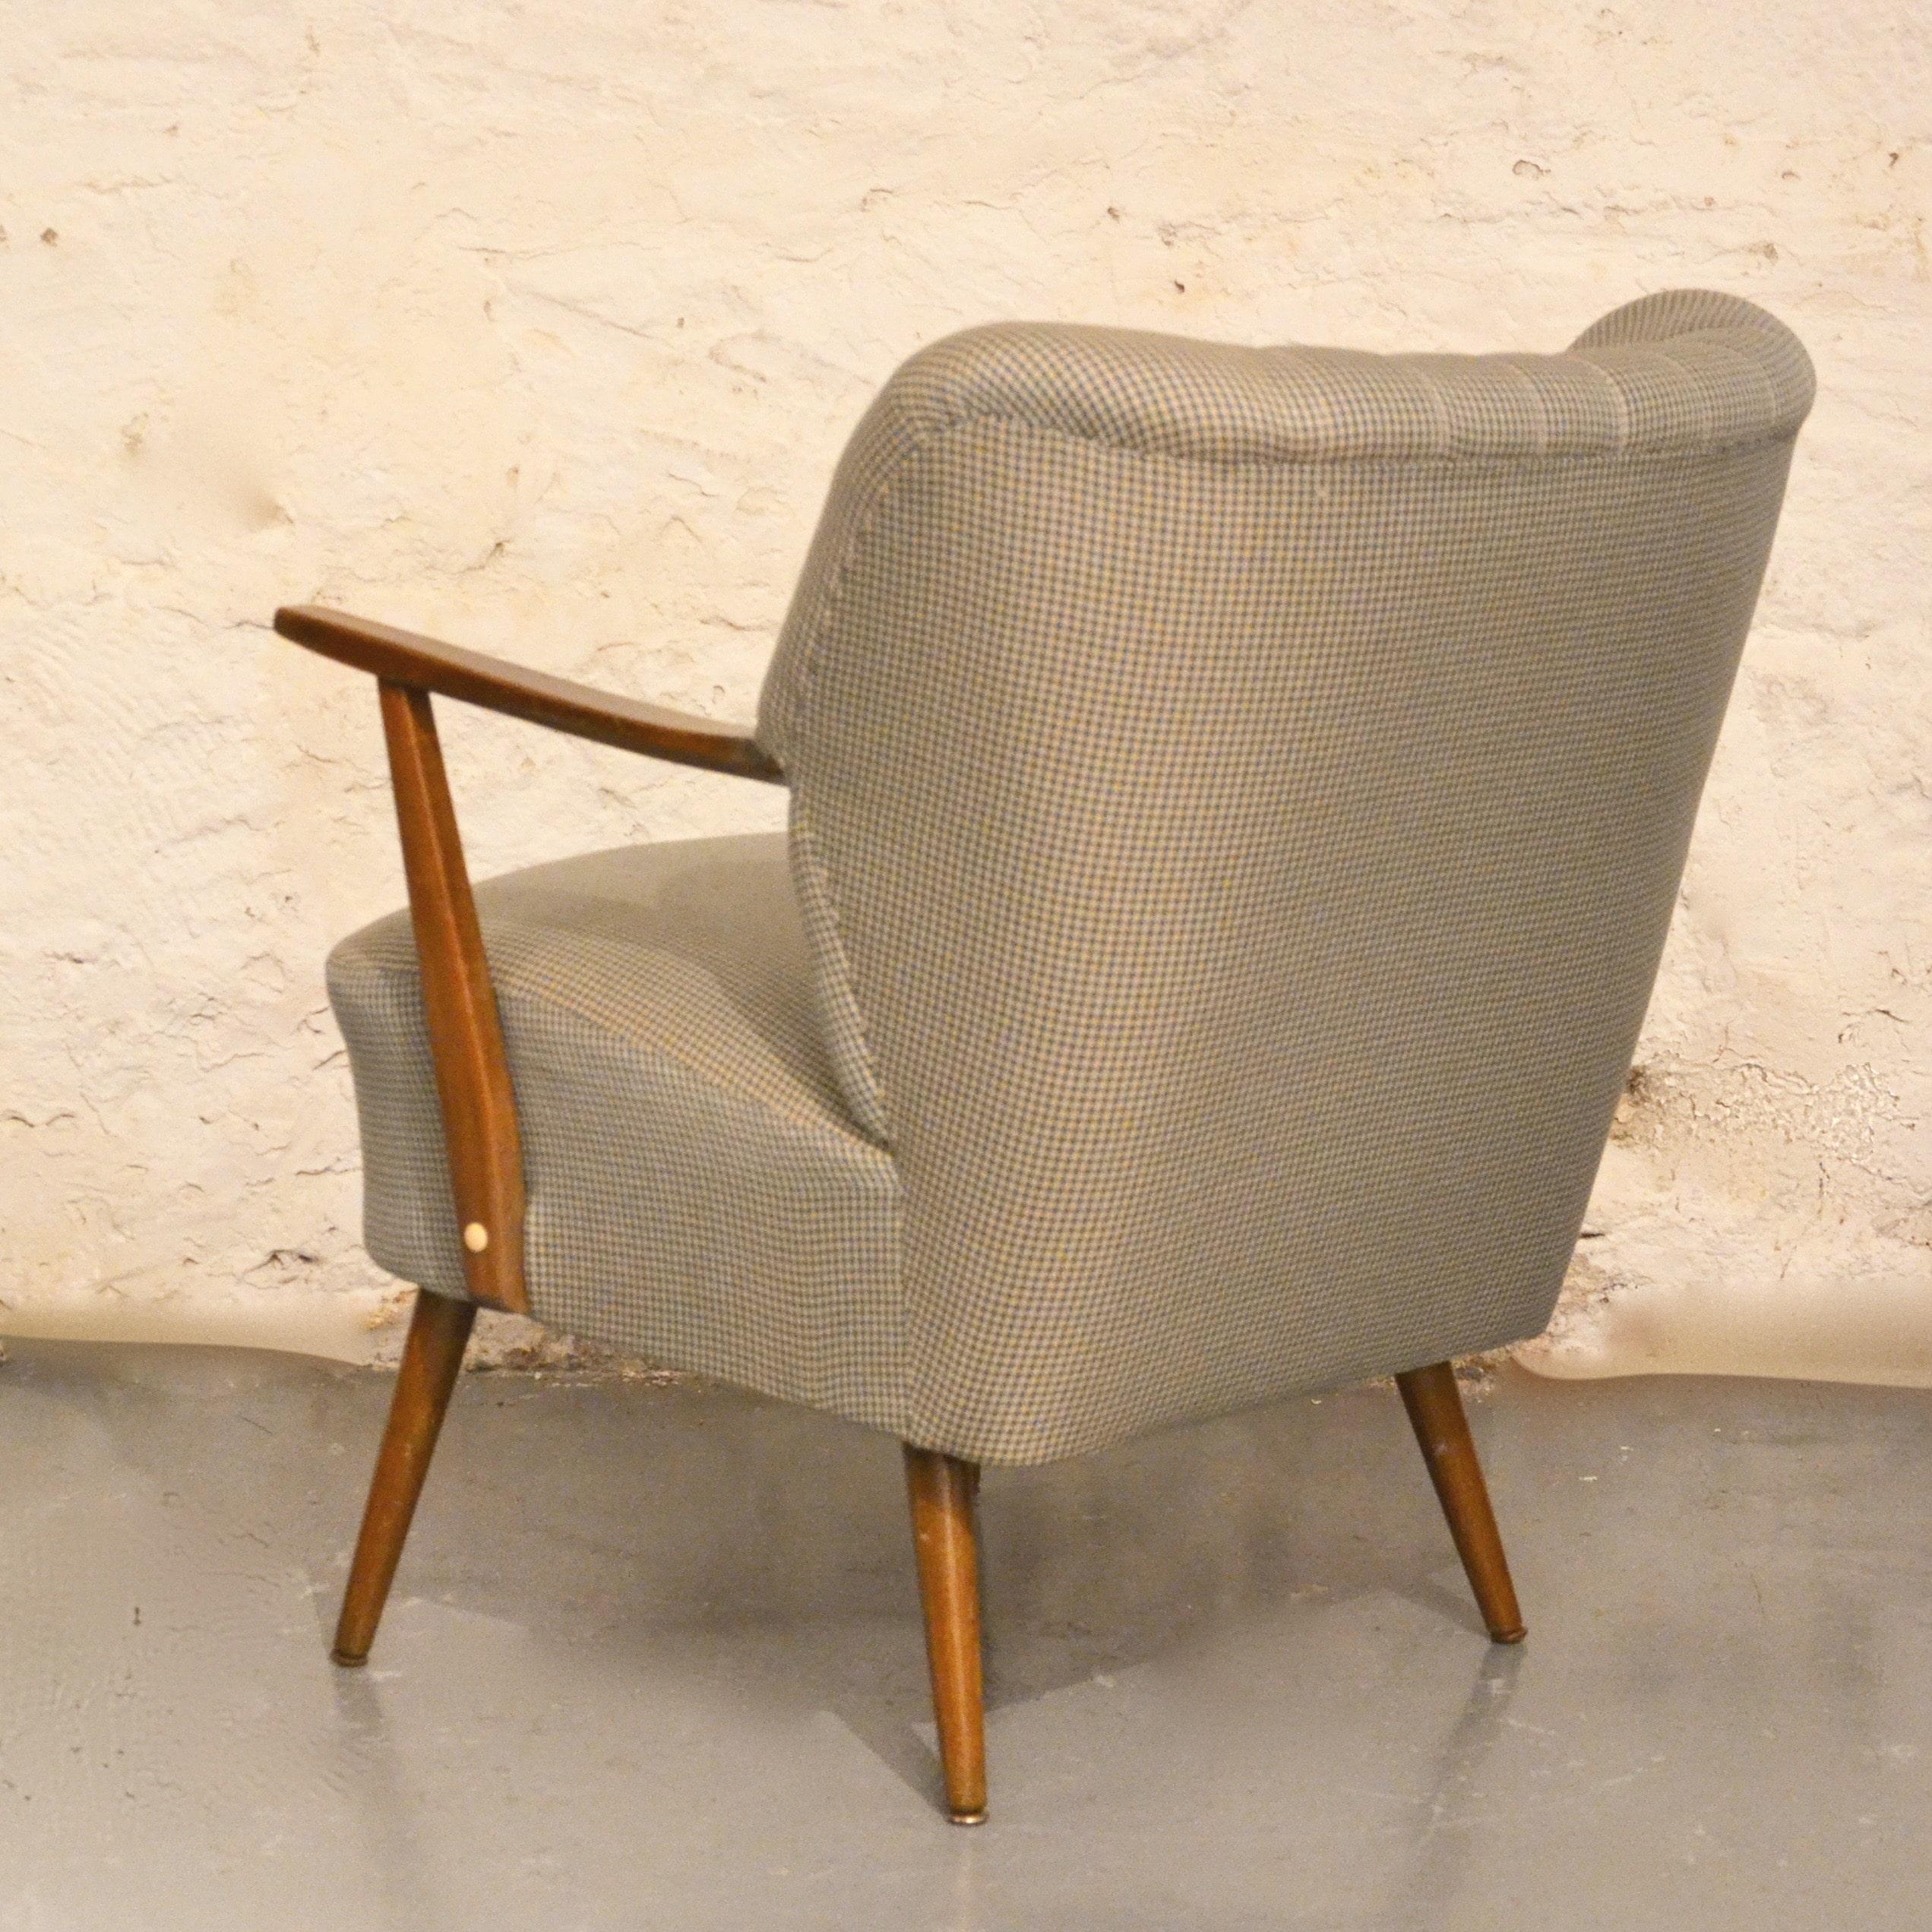 fauteuil cocktail pied de poule bindiesbindies. Black Bedroom Furniture Sets. Home Design Ideas